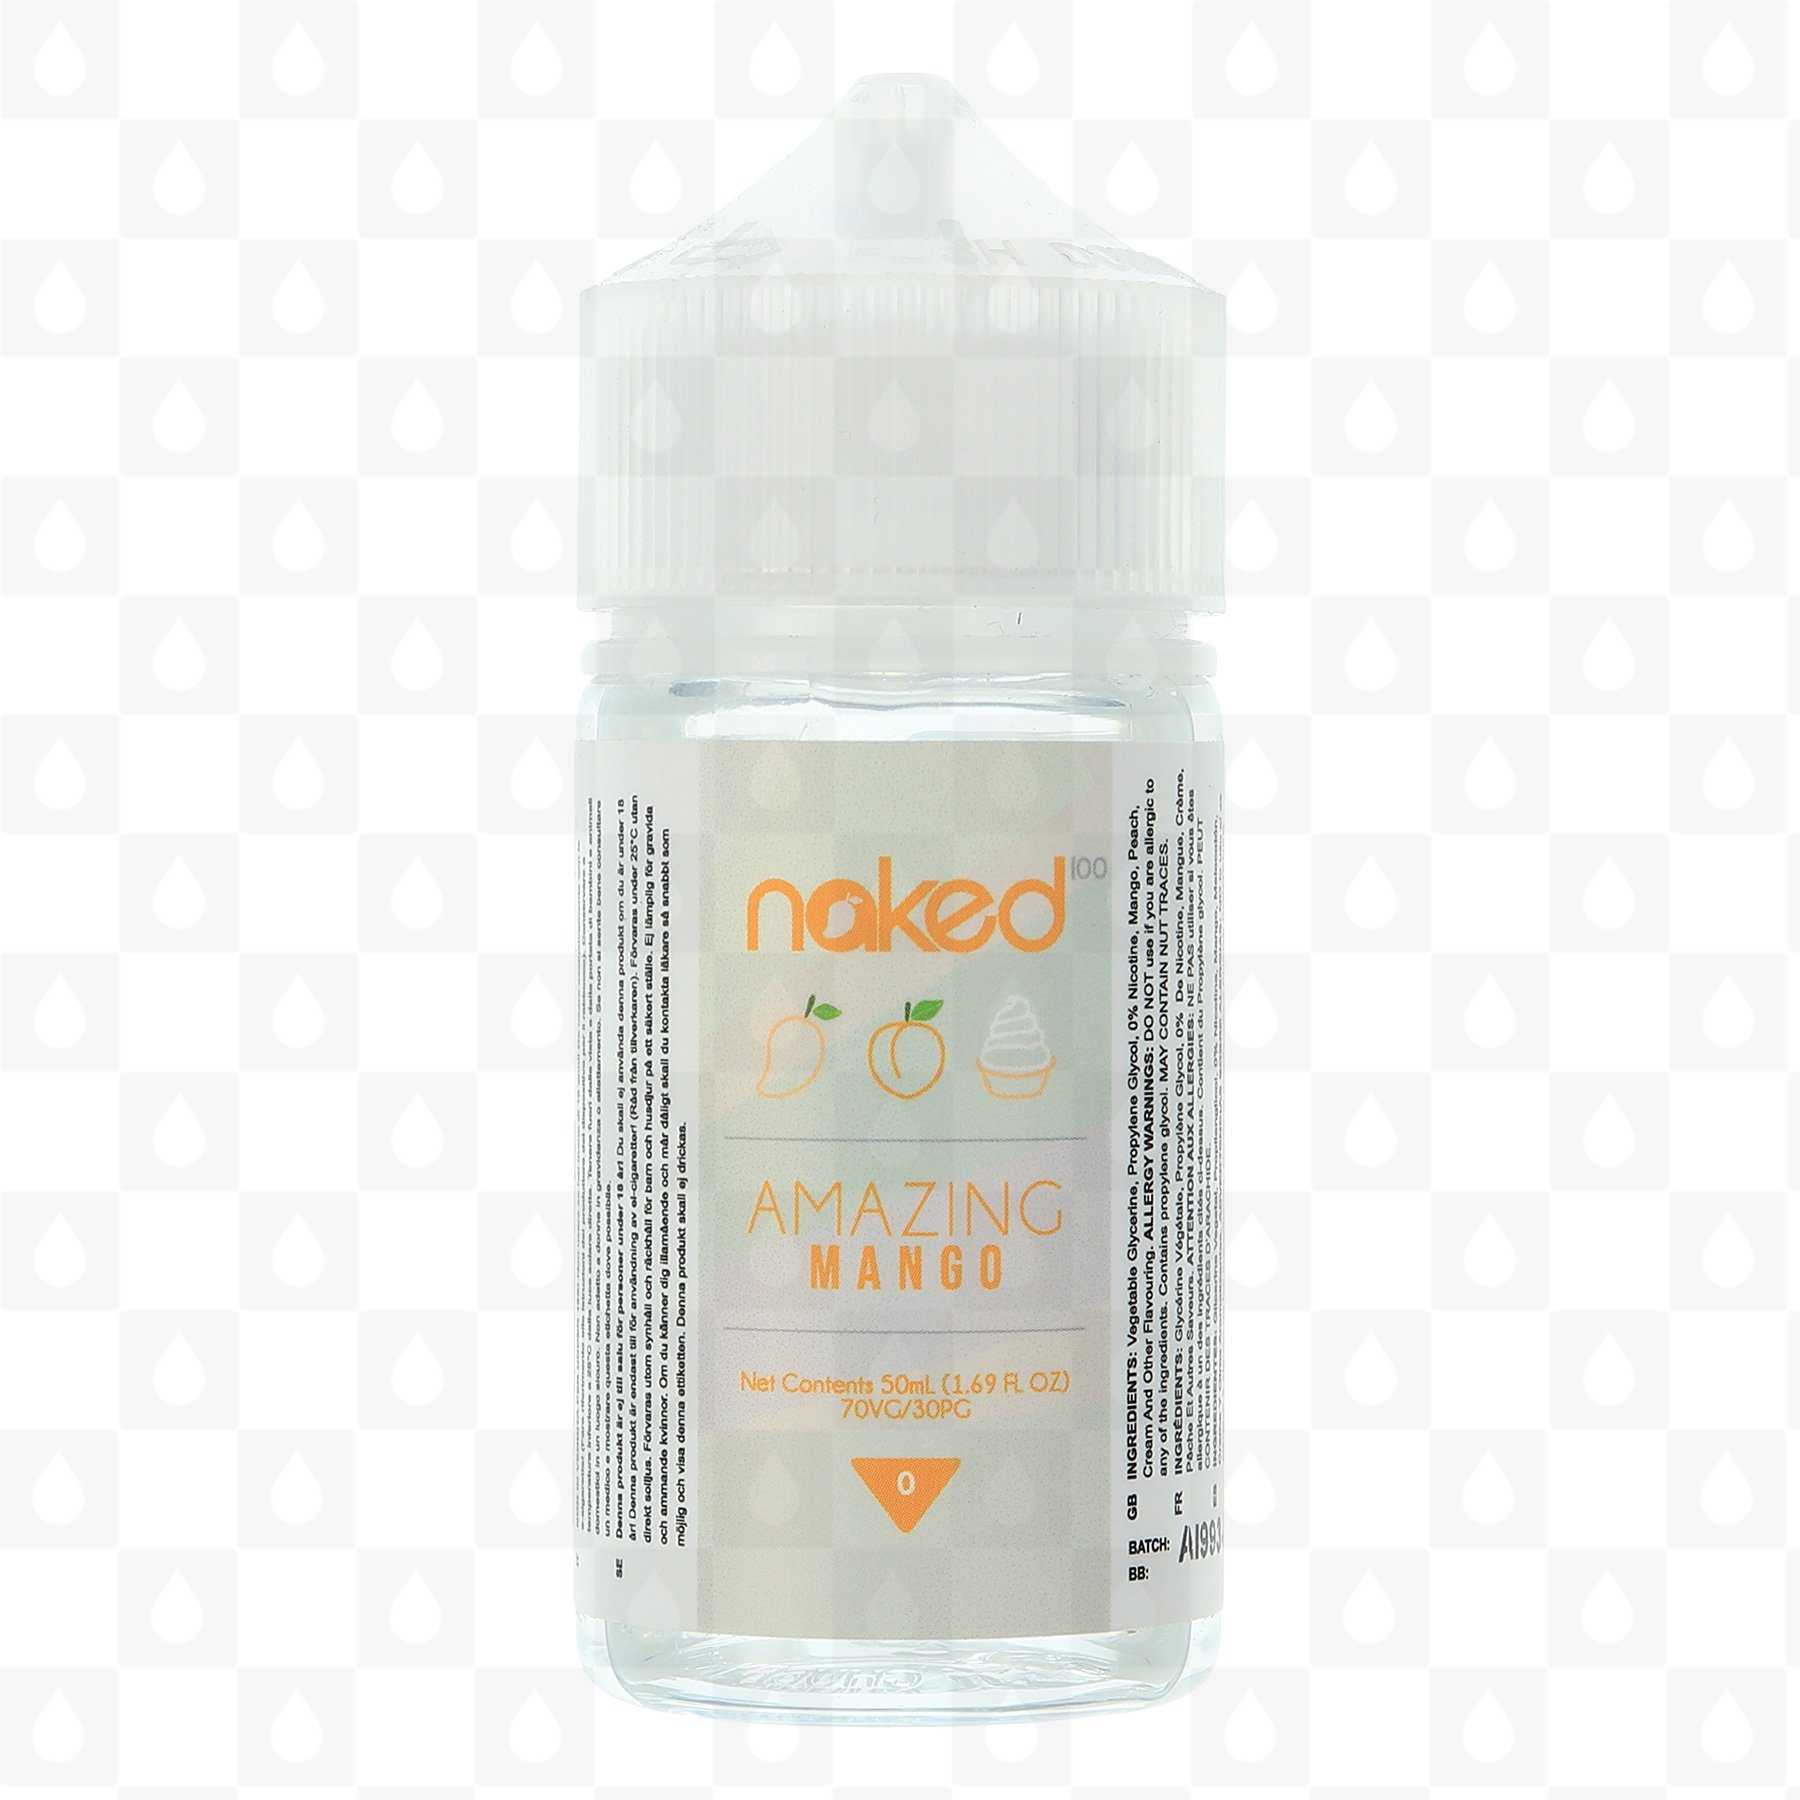 Naked 100 Amazing Mango E Liquid 50ml | UK Shipping and